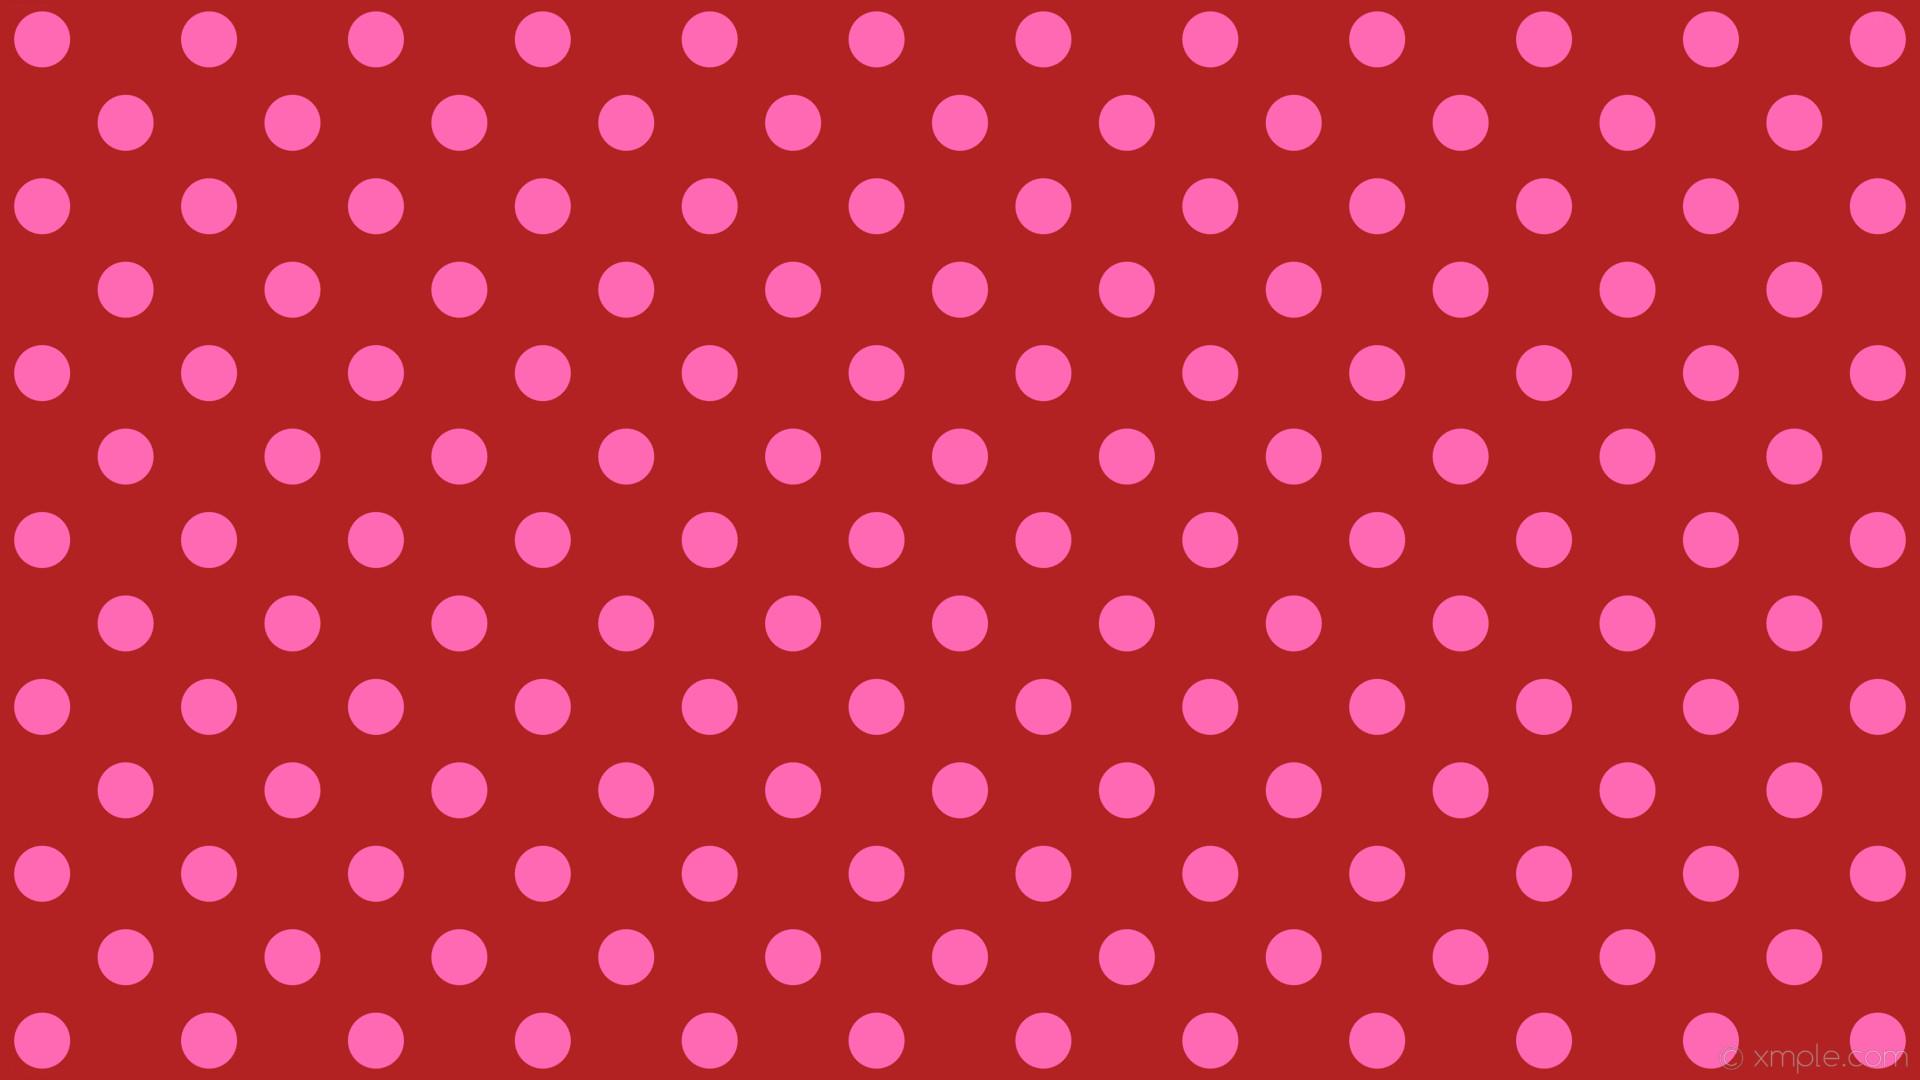 wallpaper pink polka dots spots red fire brick hot pink #b22222 #ff69b4 225°